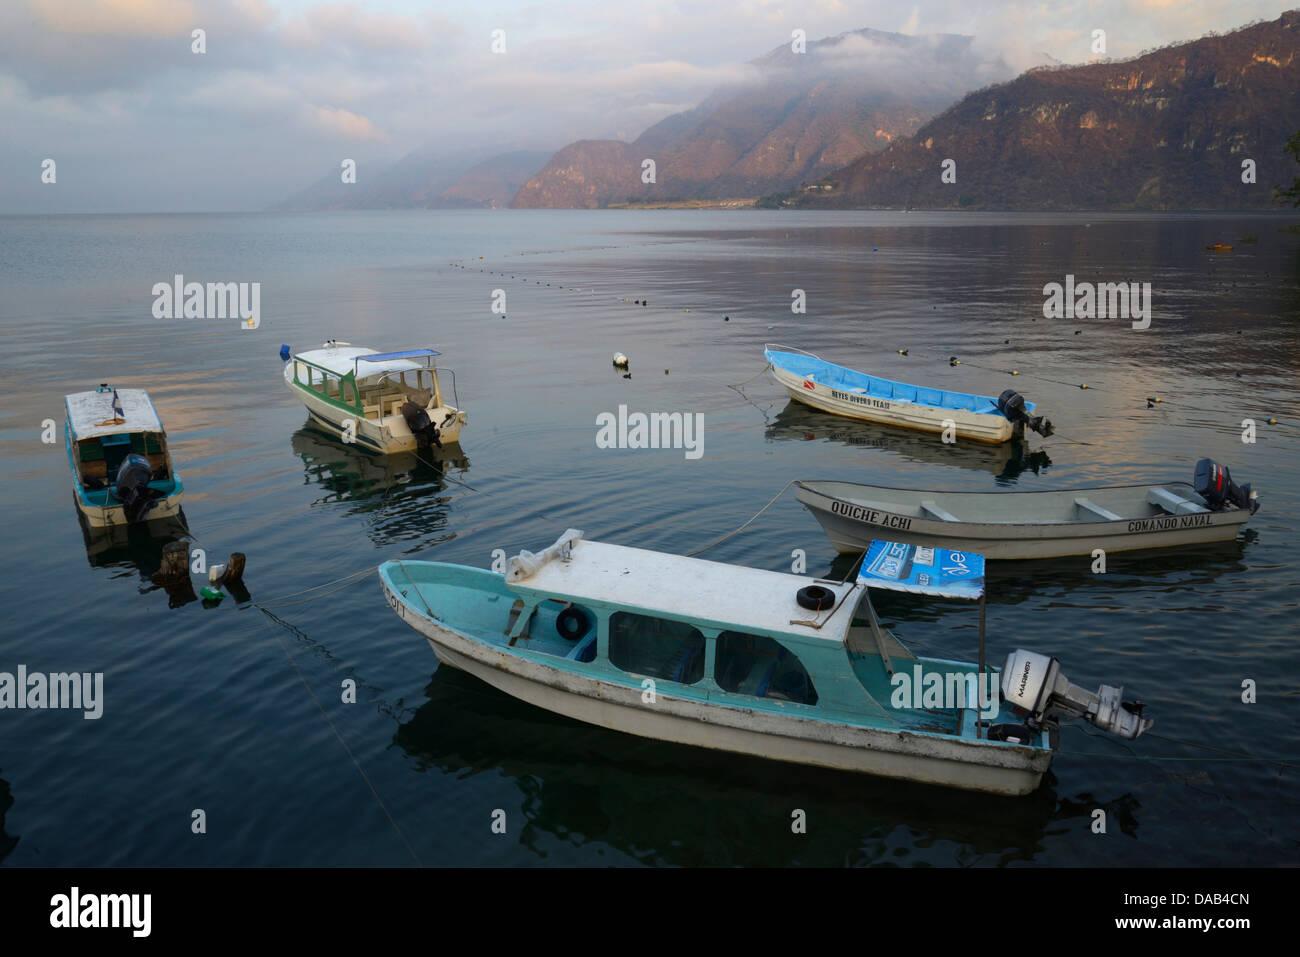 Central America, Guatemala, Lago de, Atitlan, lake, boat, mountains, volcano, rim of fire, landscape, Solola, - Stock Image